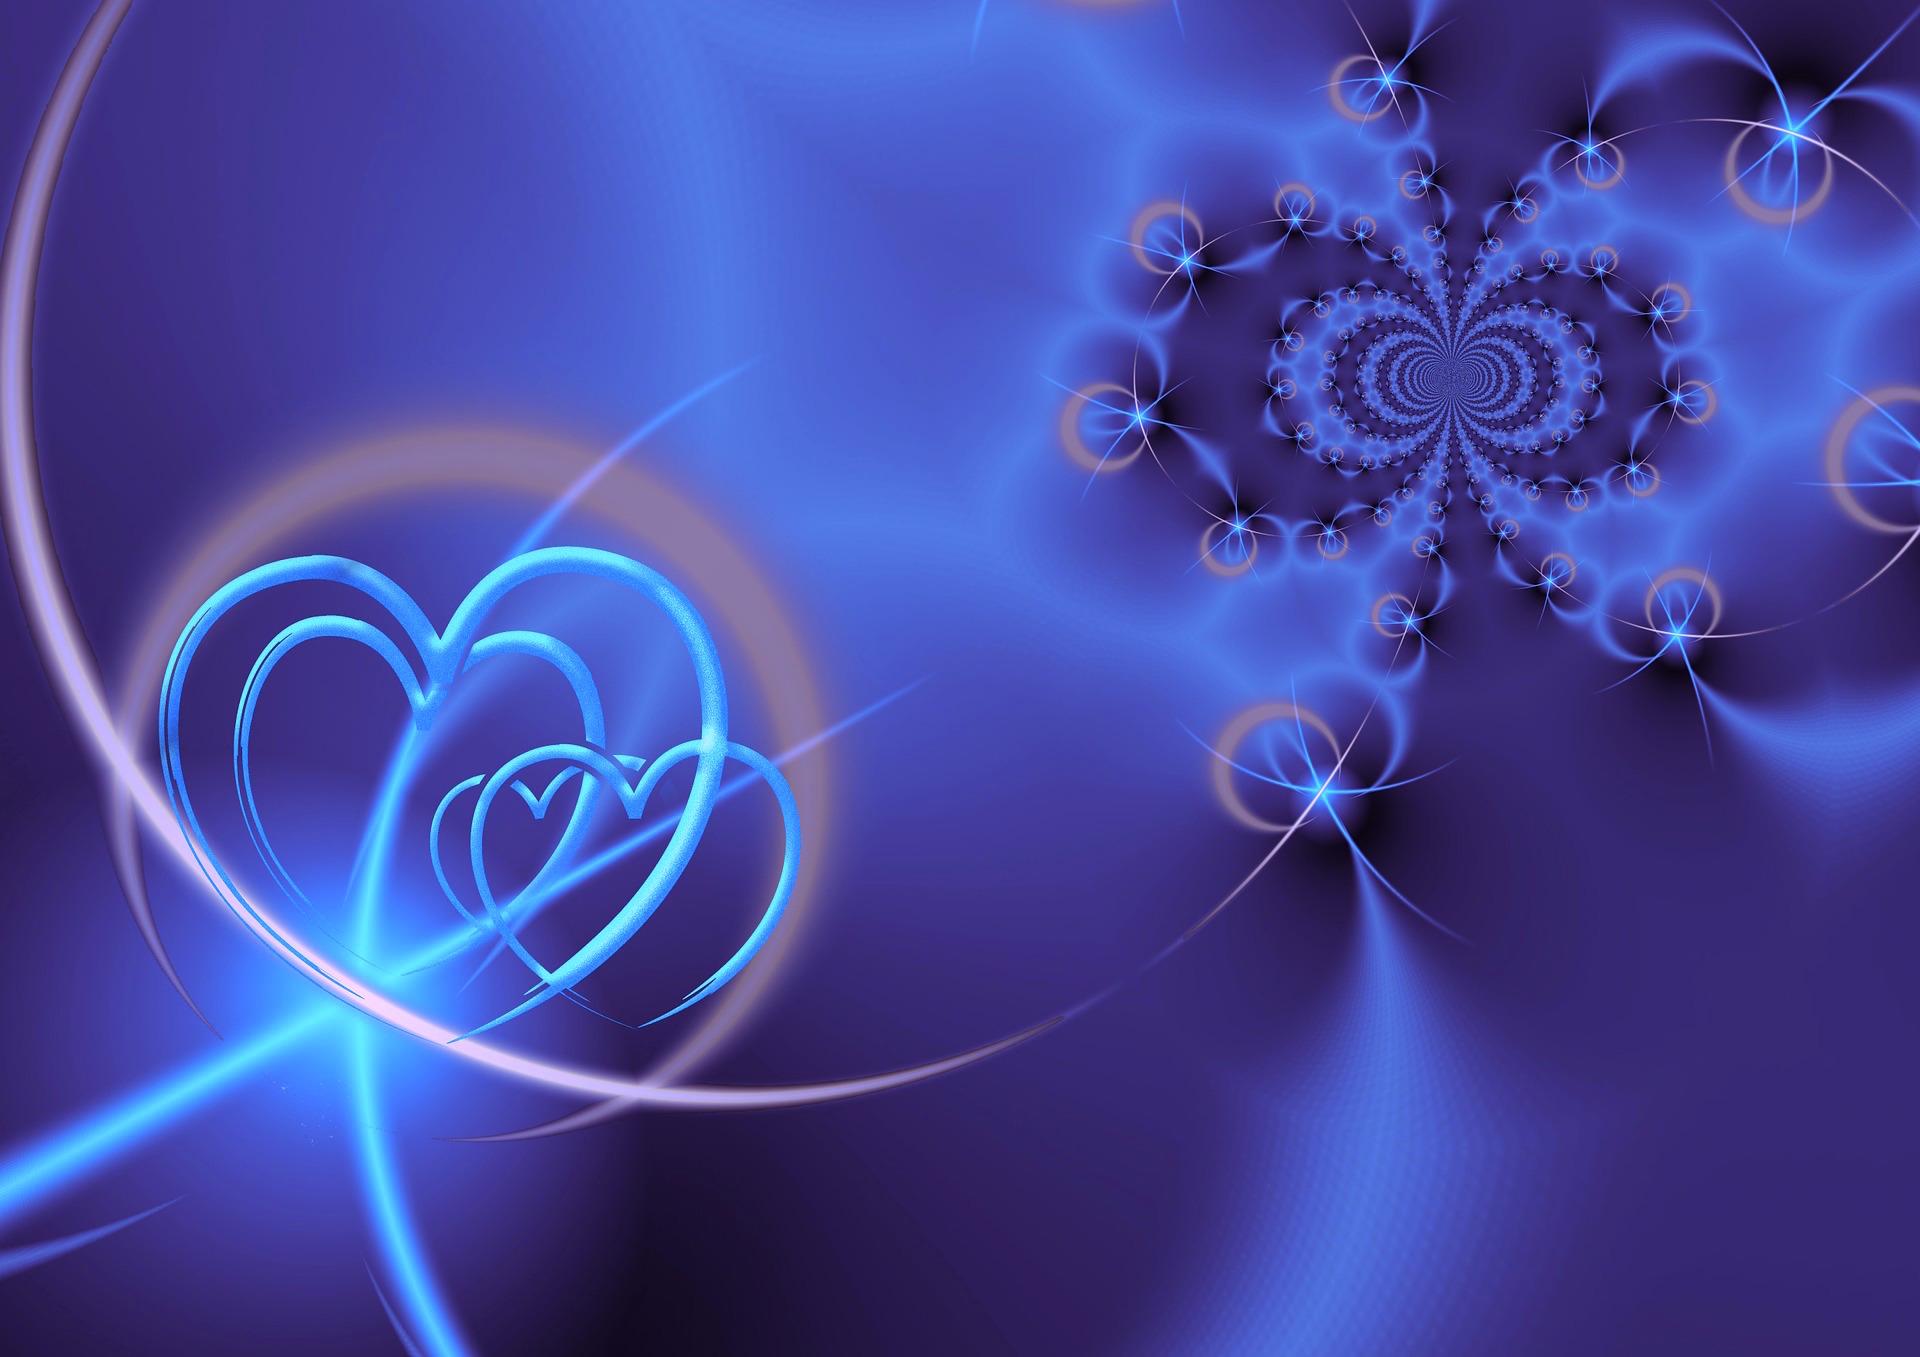 Liefde Op Zielsniveau Het Openen Van Nieuwe Dimensies Sirion